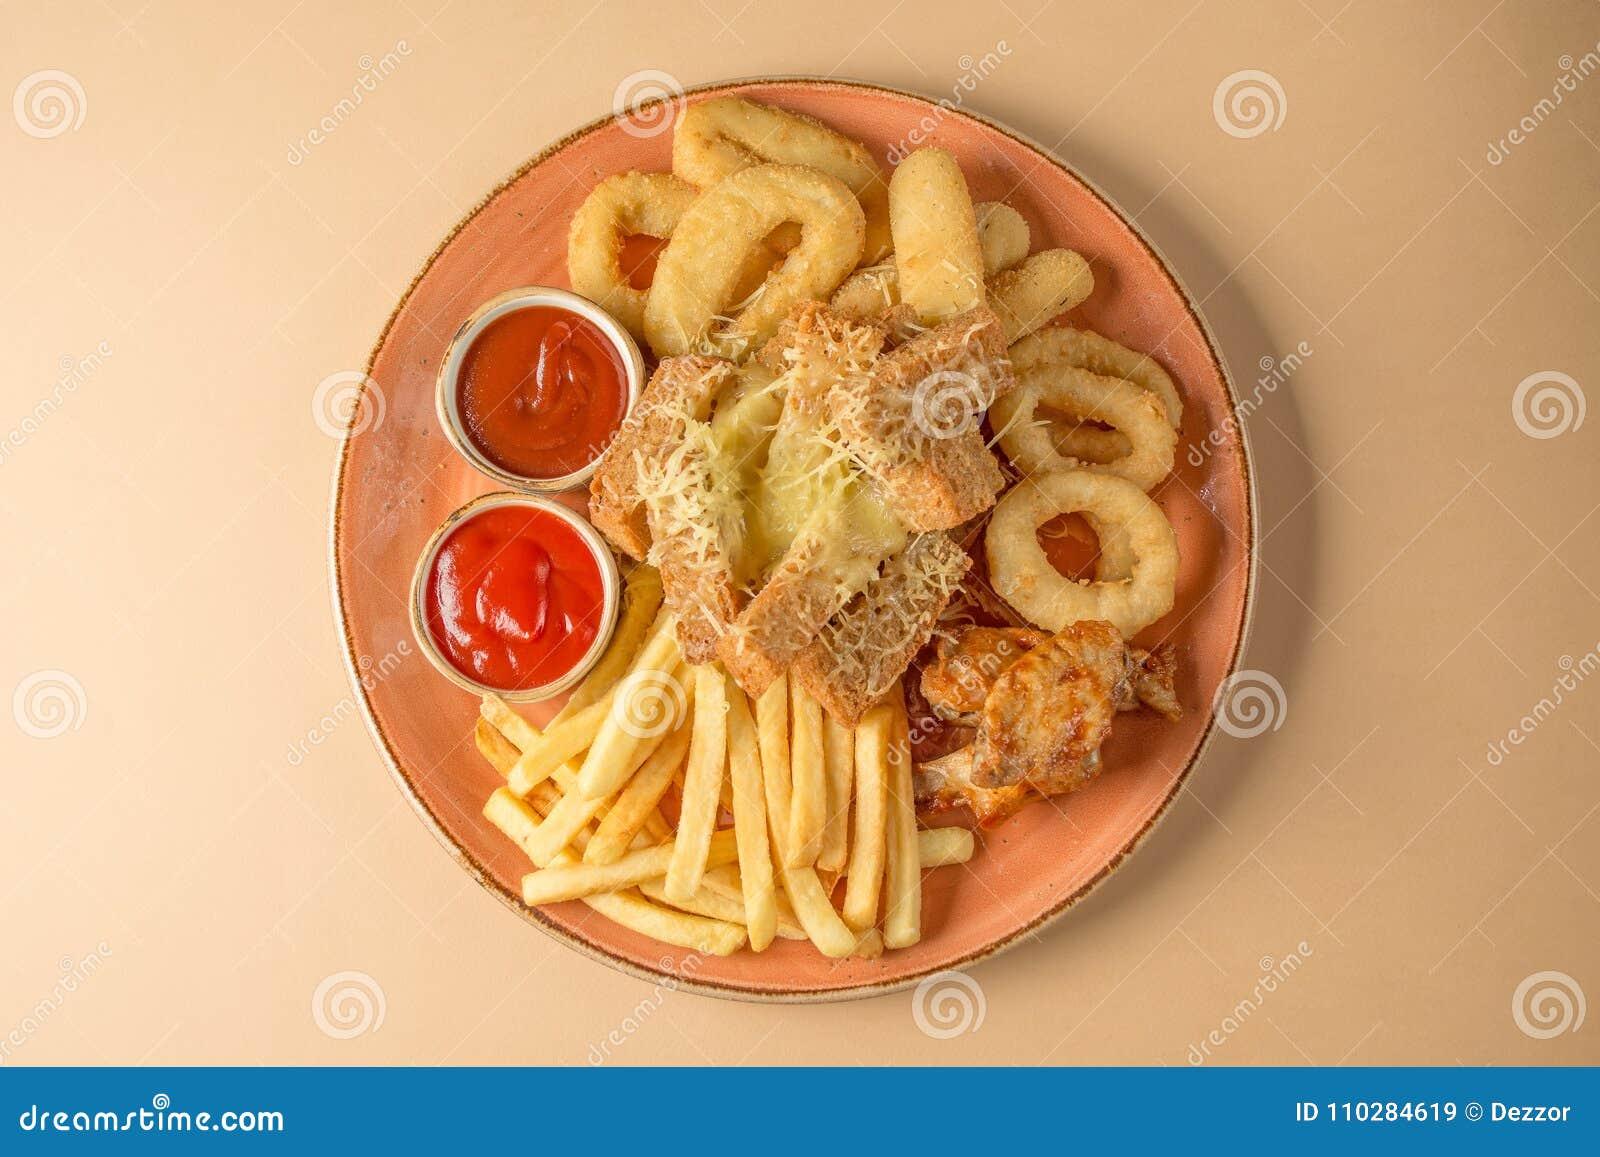 炸薯条,洋葱圈,鸡翼,面包干,对啤酒的一顿快餐在一块大板材用在棕色背景的两个调味汁 顶视图